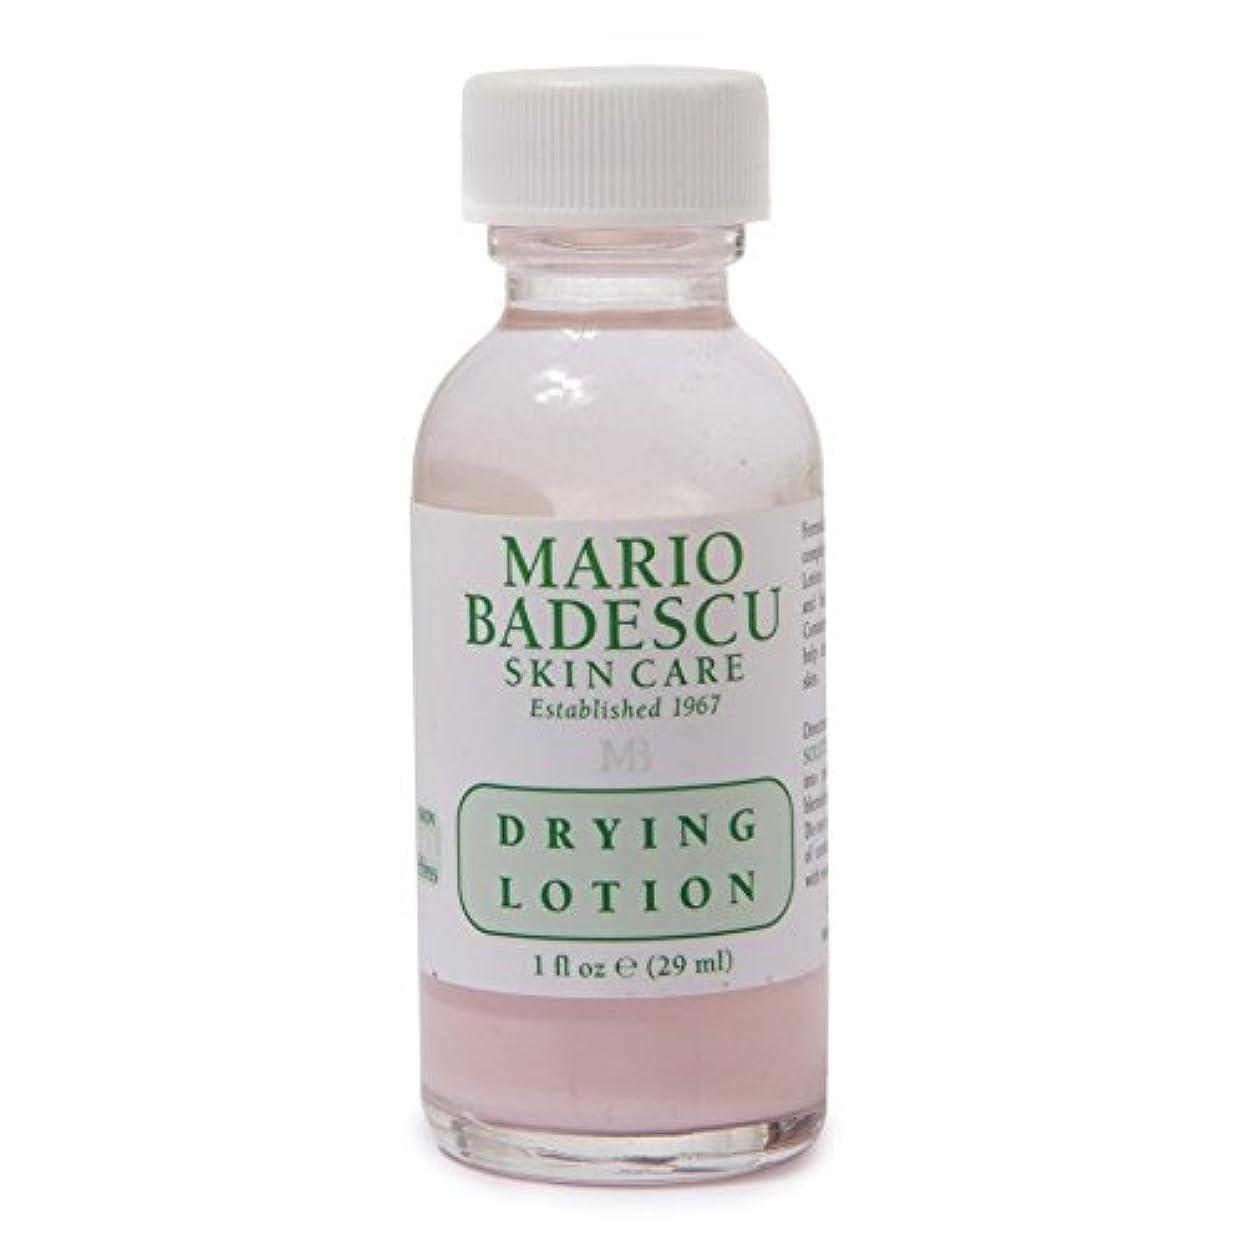 タックルすずめカウボーイマリオ乾燥ローション29ミリリットル x2 - Mario Badescu Drying Lotion 29ml (Pack of 2) [並行輸入品]